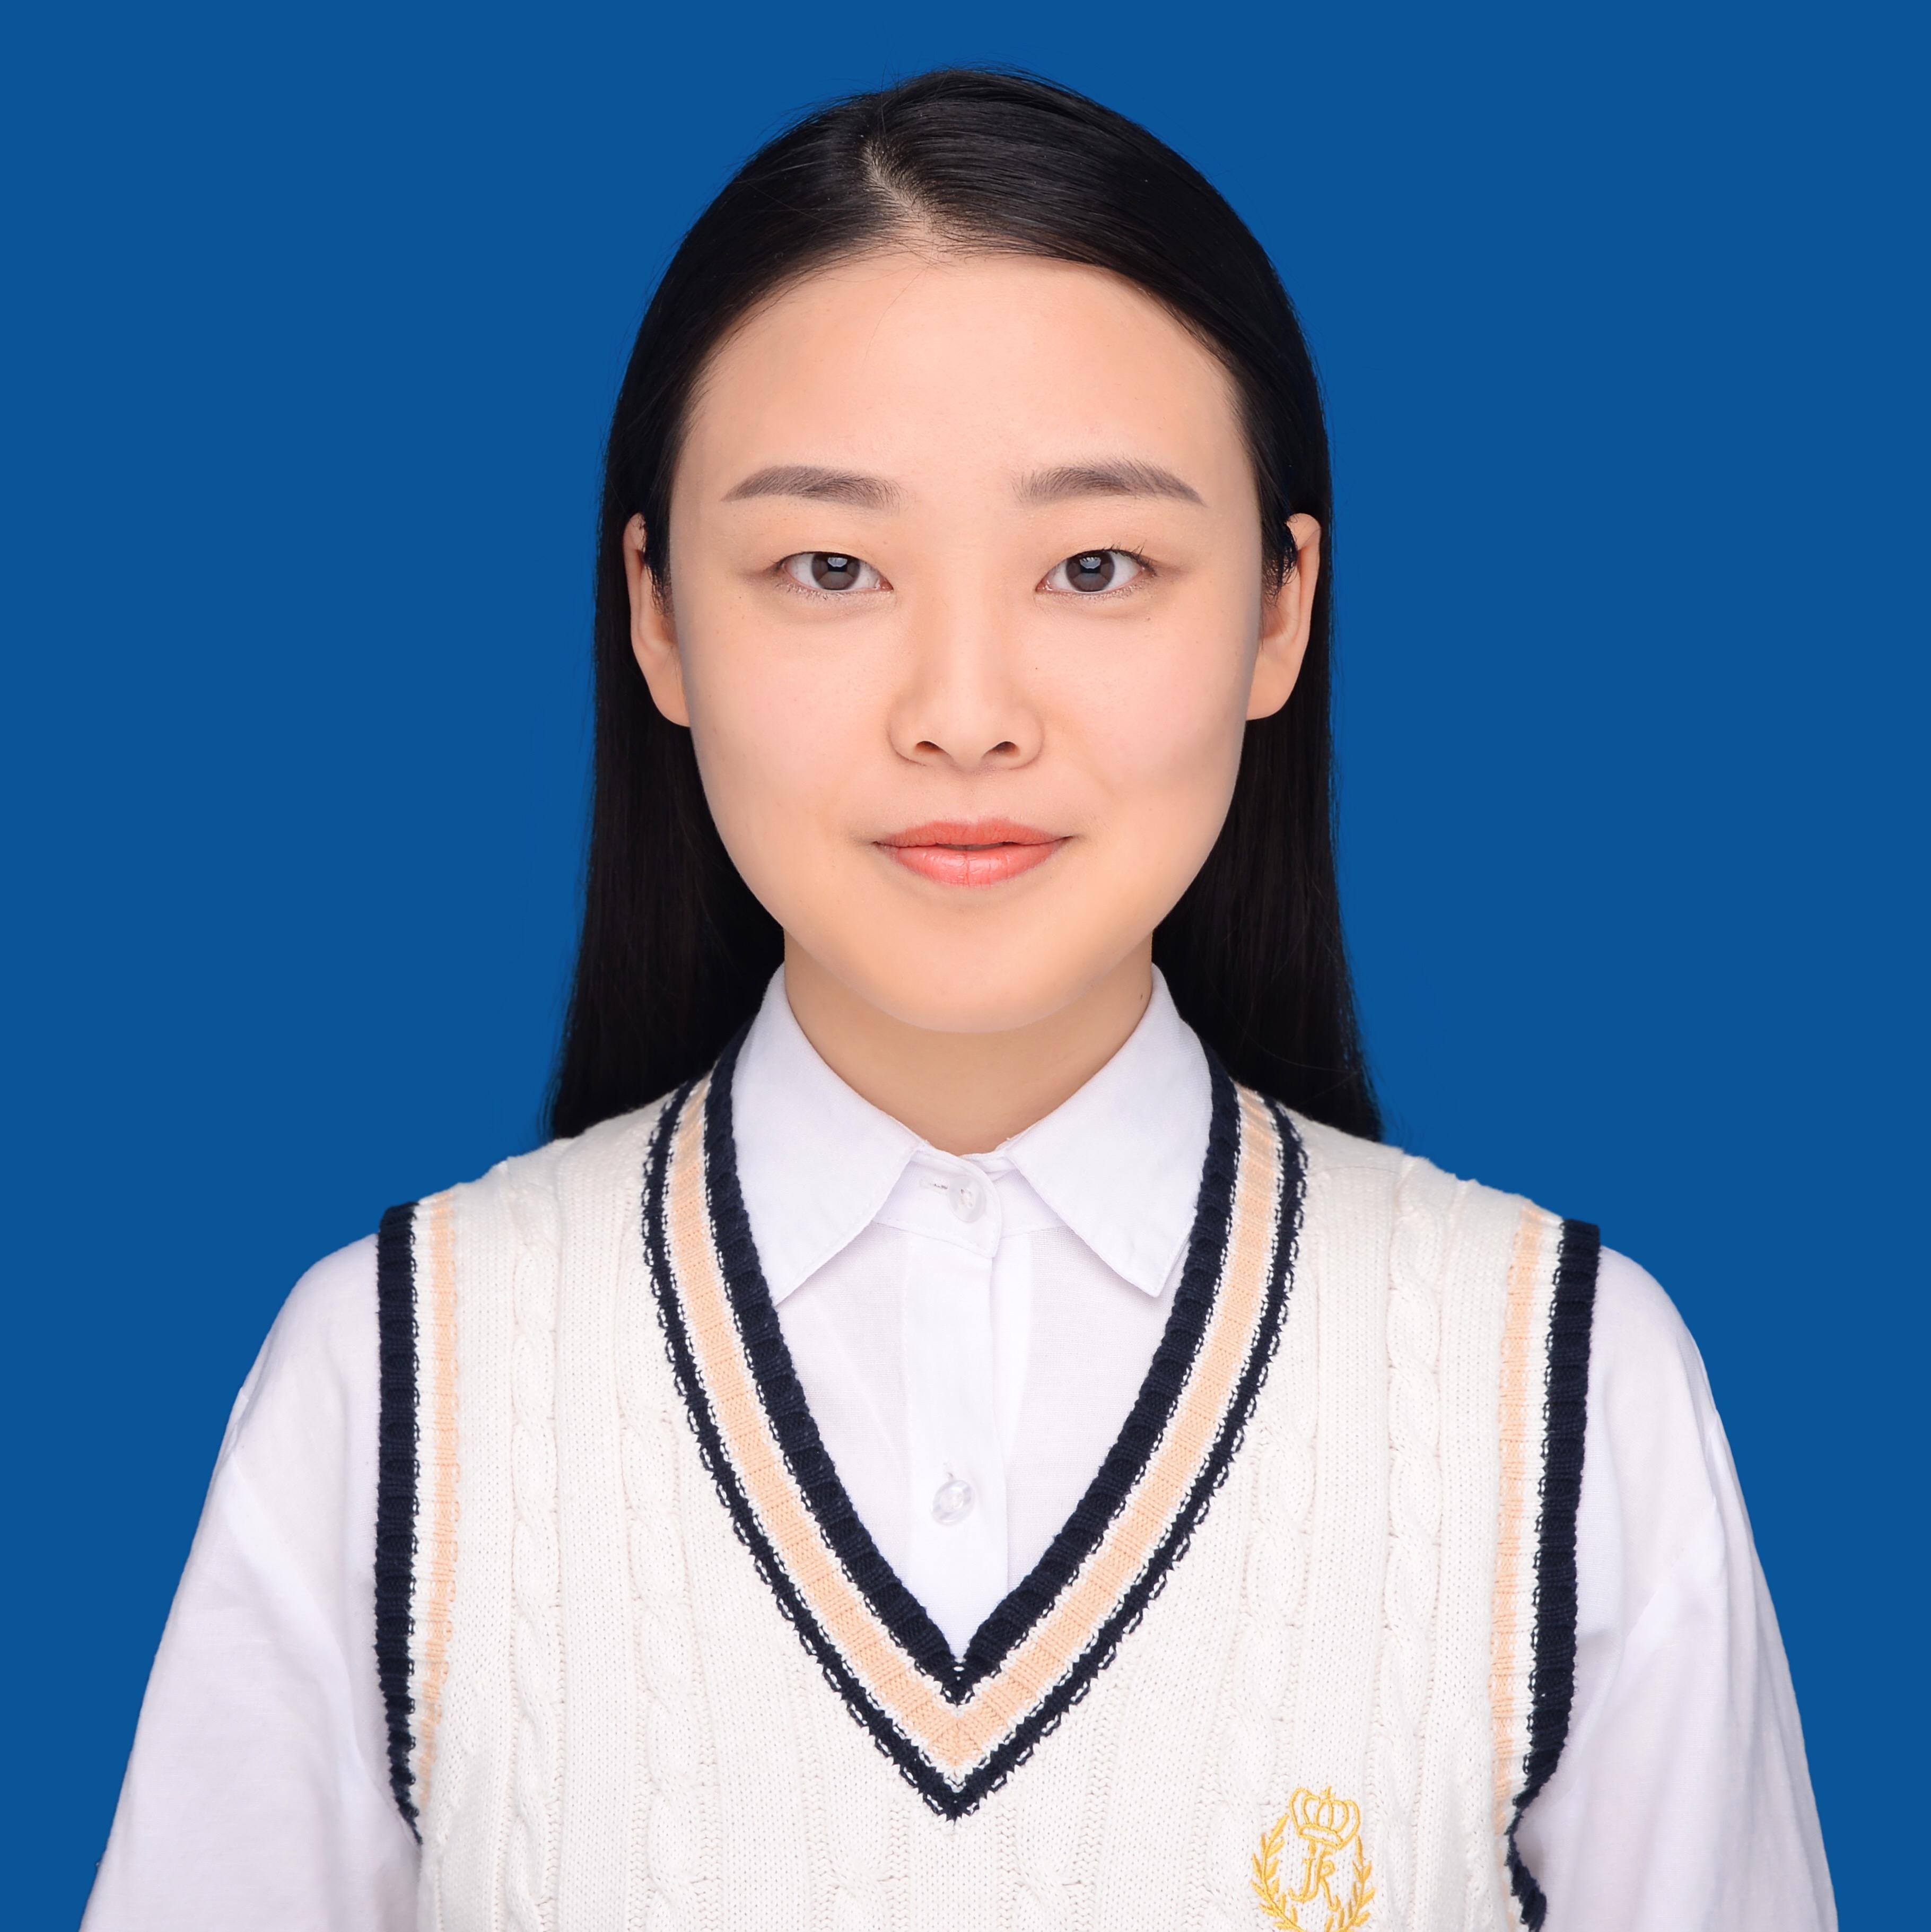 Qinyao Jiang